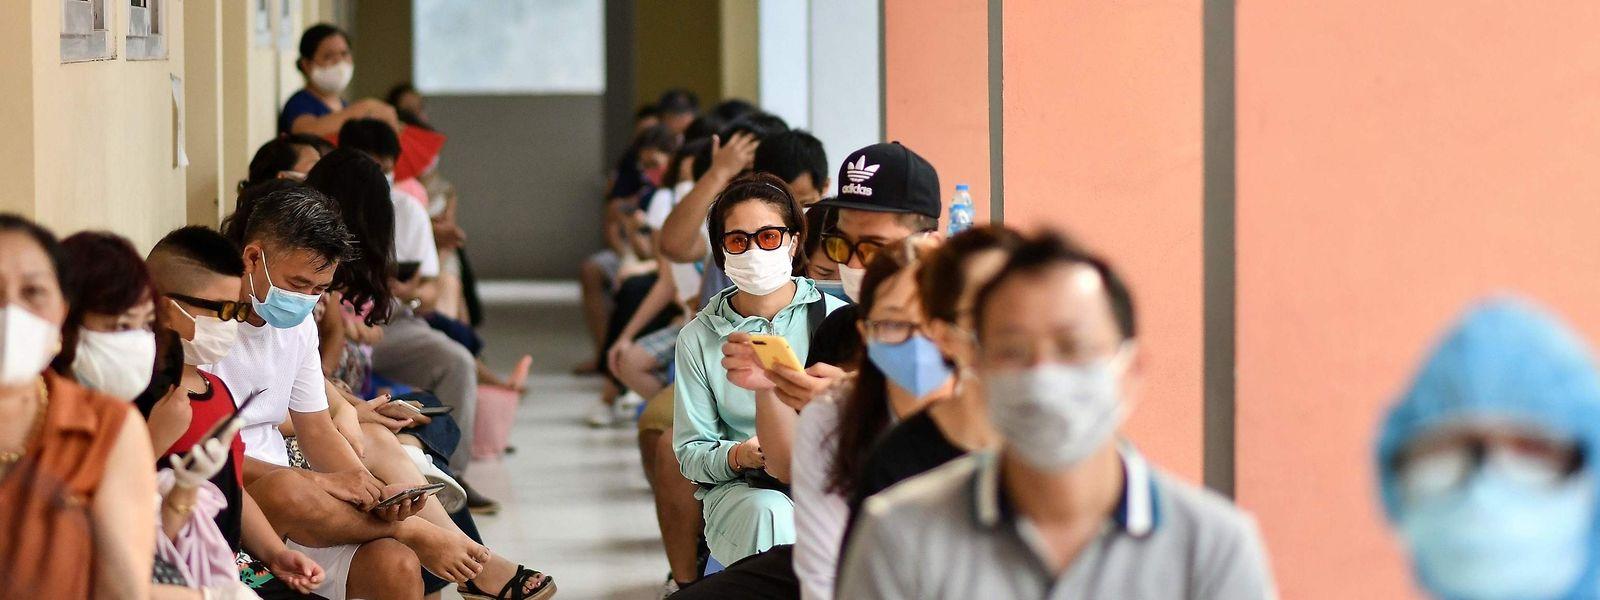 L'Organisation mondiale de la santé (OMS) a lancé un appel à la prudence, exhortant en particulier les jeunes à respecter les mesures de protection.